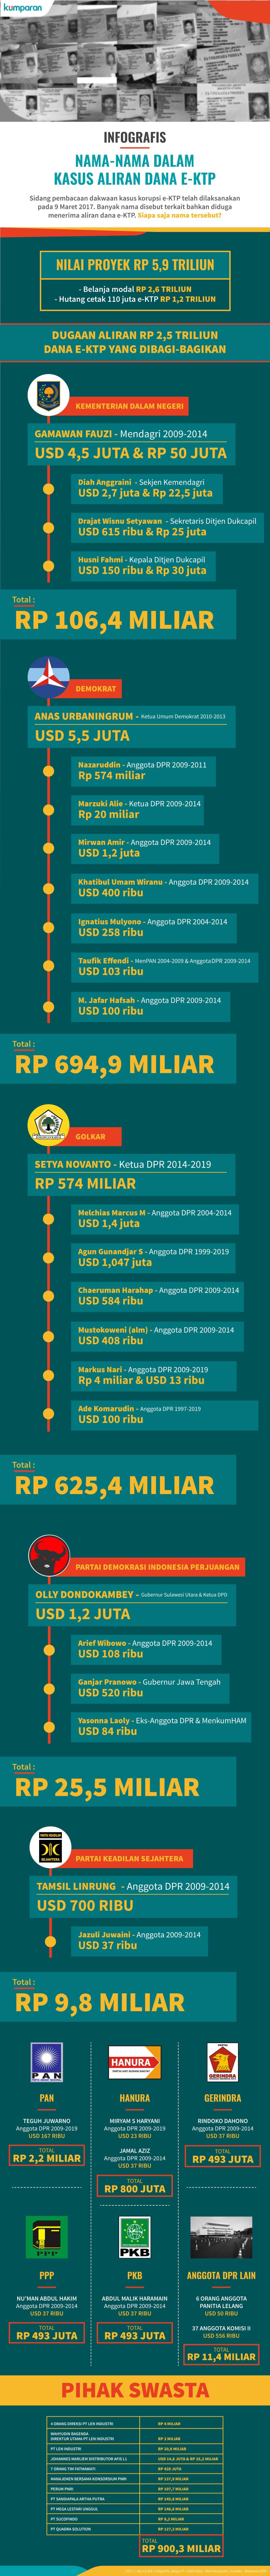 Infografis Rincian Nama dalam Kasus e-KTP